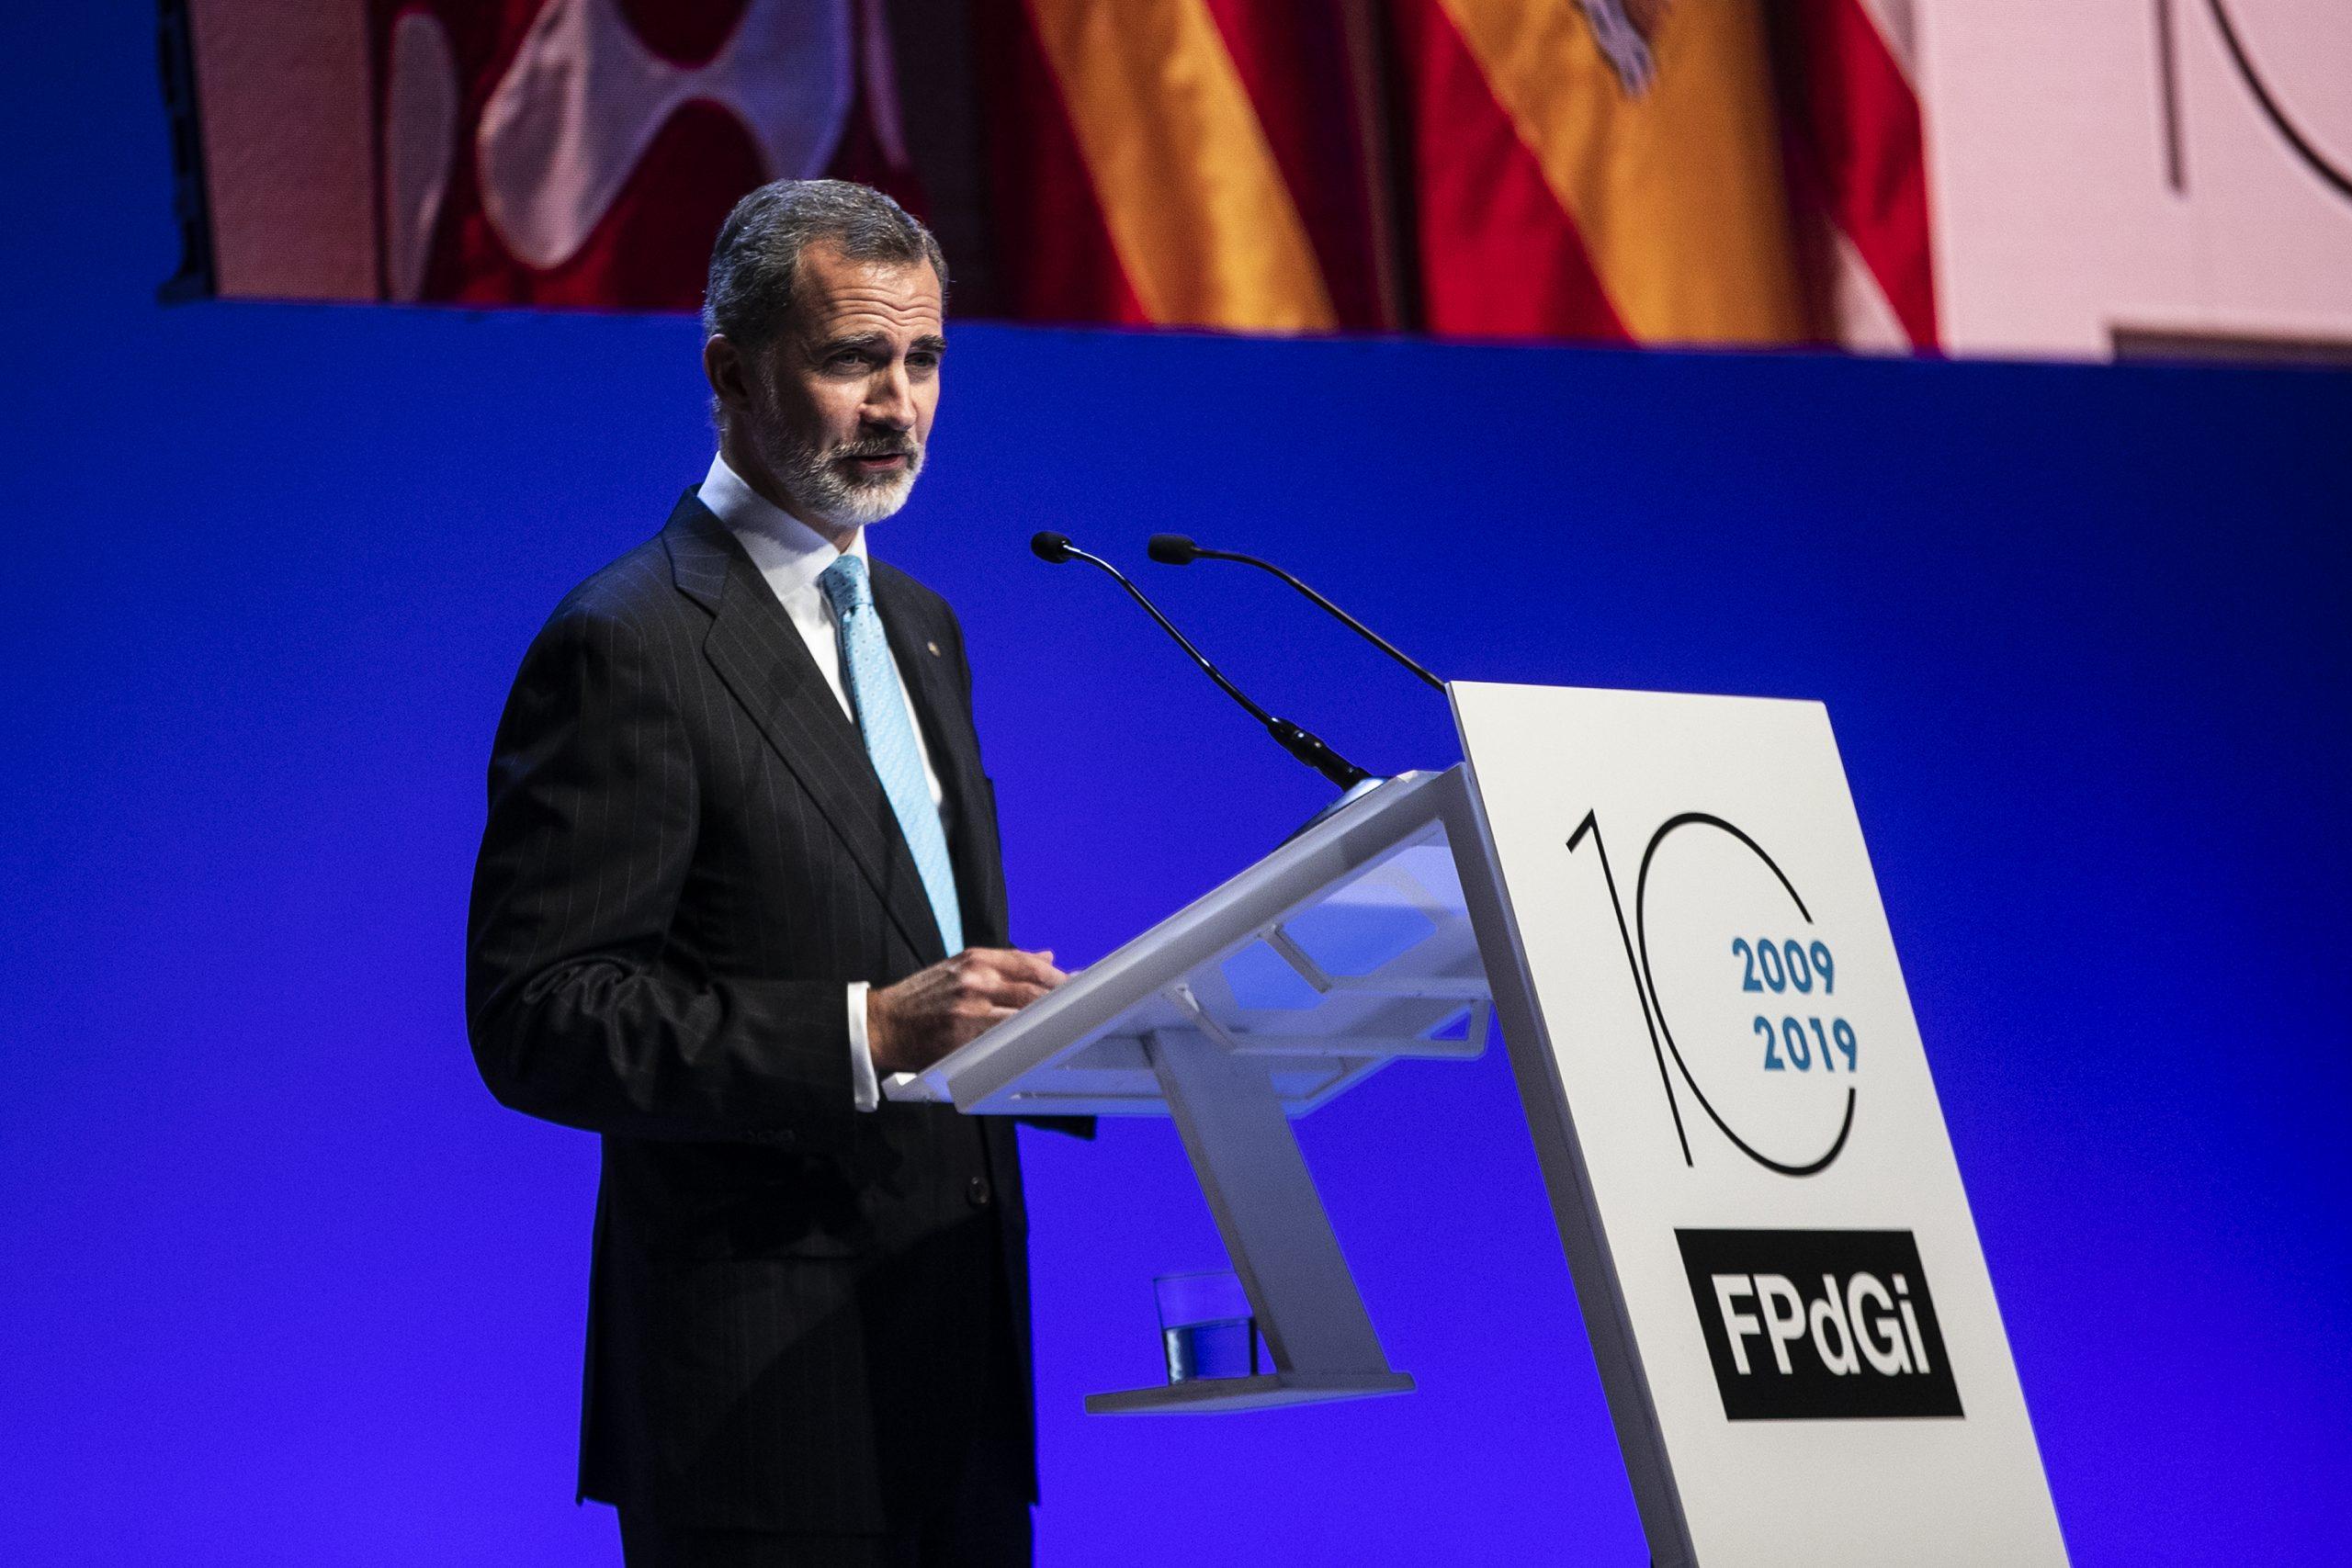 Pla americà del rei Felip VI durant l'entrega de premis de la Fundació Princesa de Girona el 4 de novembre del 2019 a Barcelona. (Horitzontal)